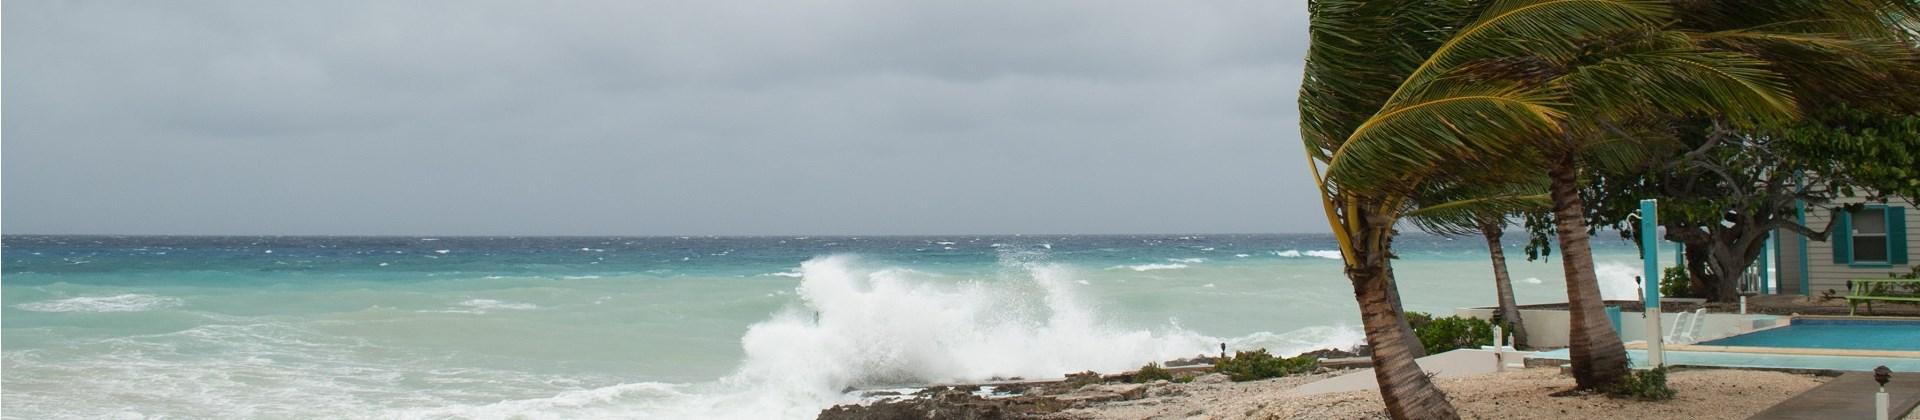 Quando andare a Punta Cana